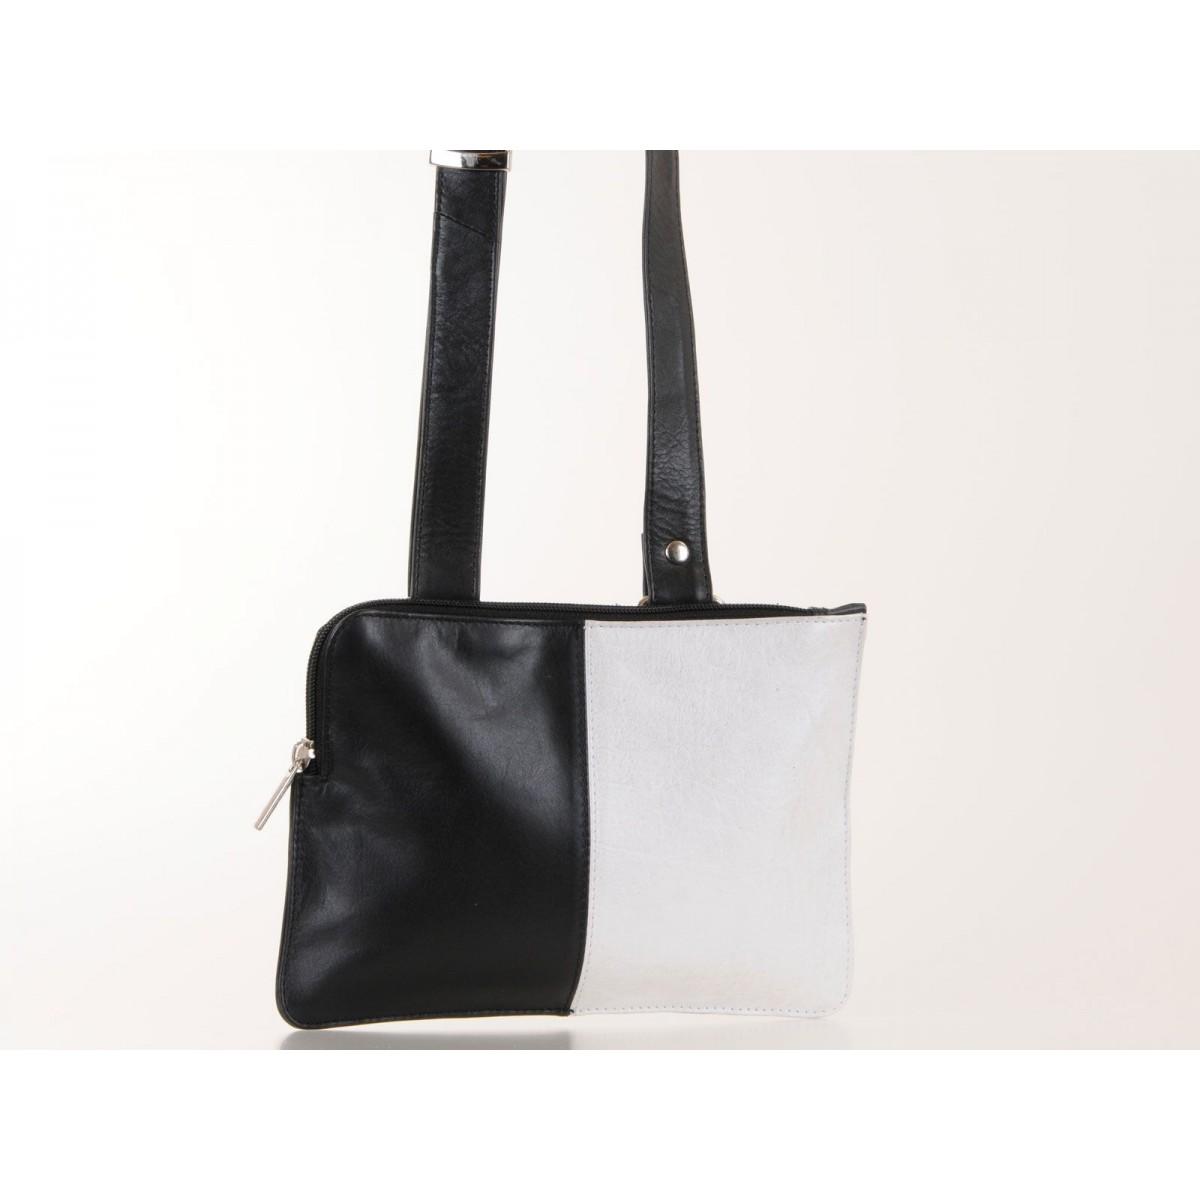 Taske kan bruges som bæltetaske-31